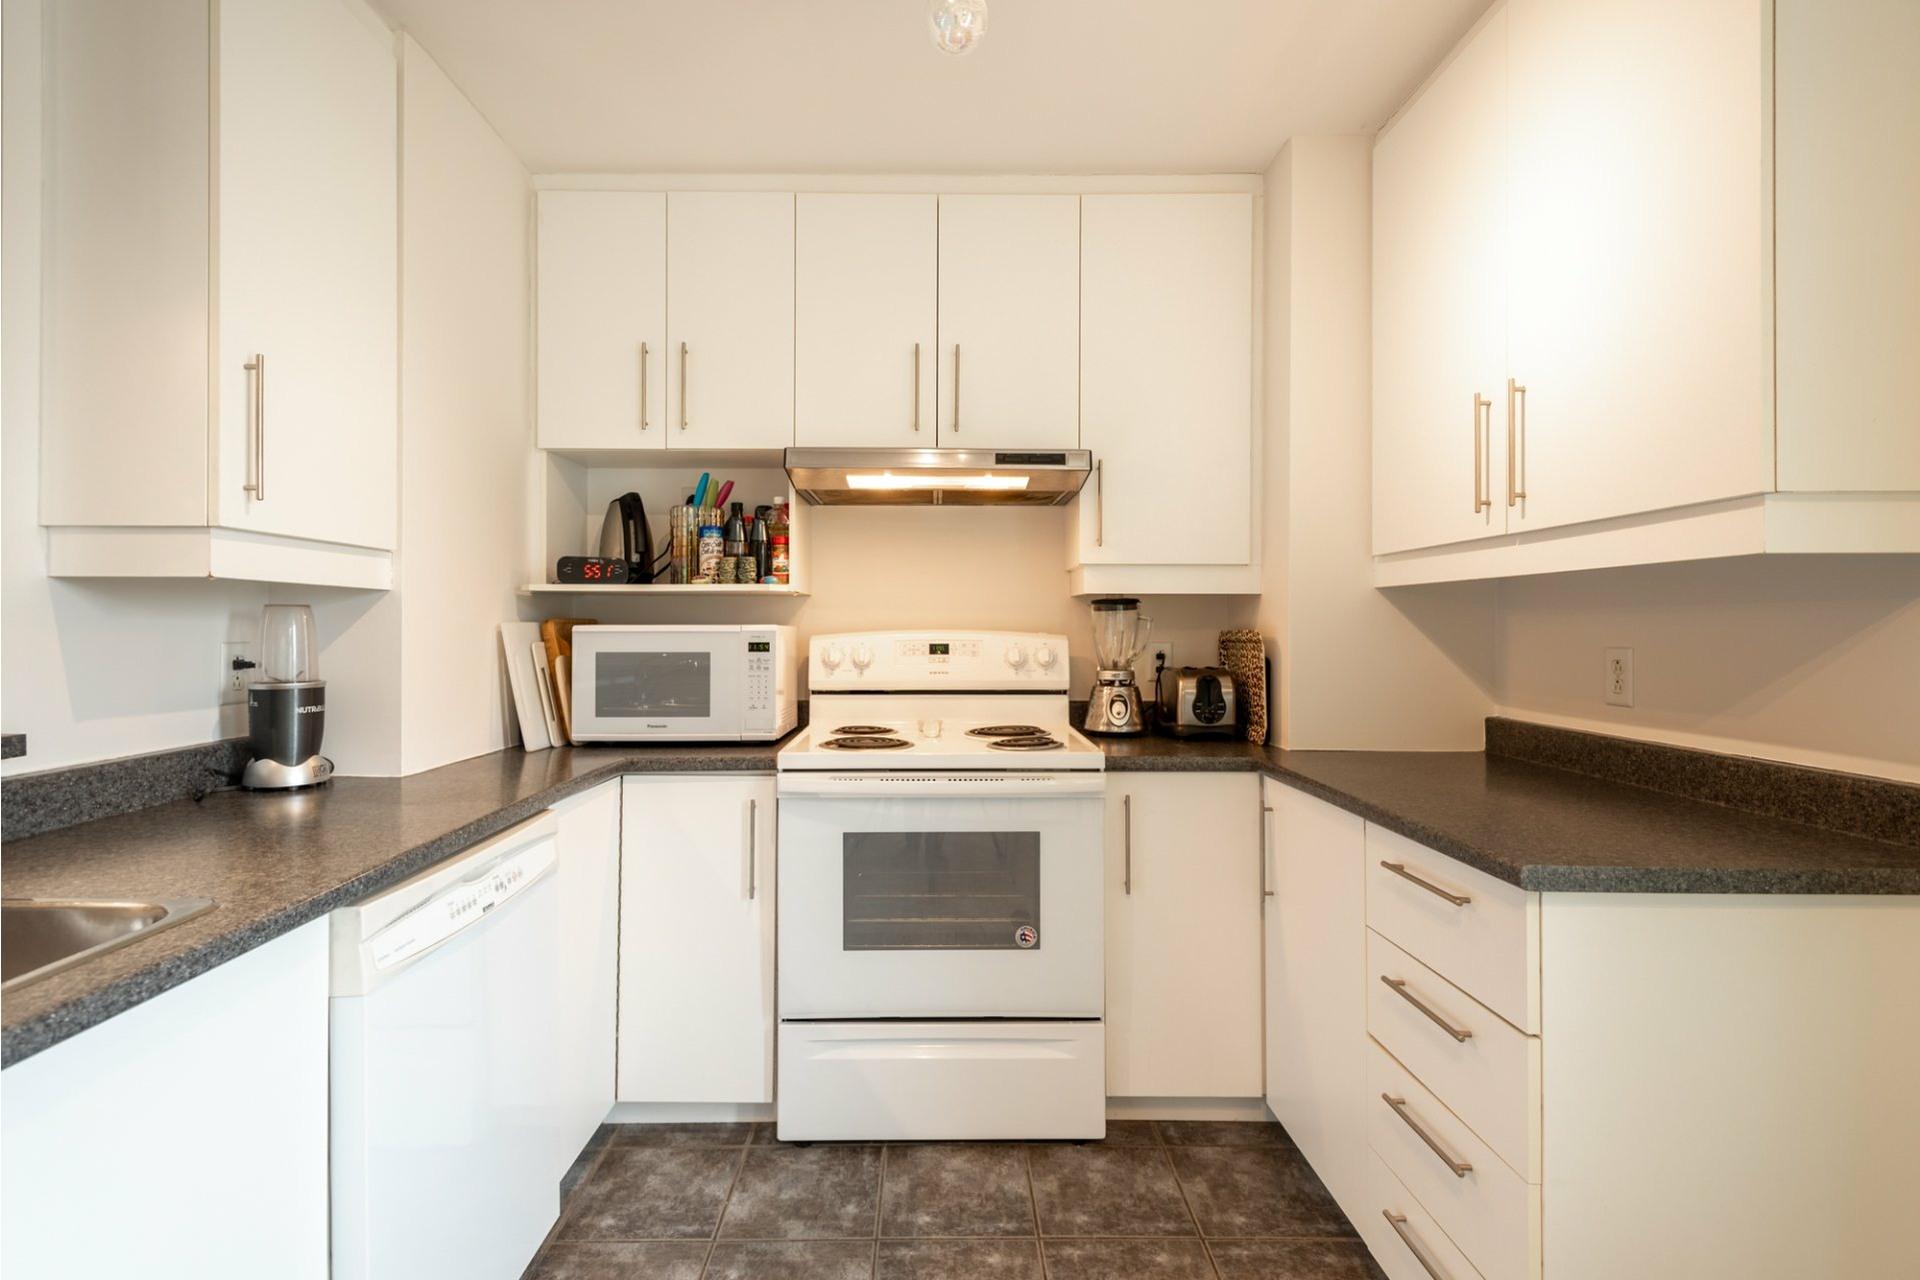 image 10 - Apartment For sale Le Plateau-Mont-Royal Montréal  - 7 rooms